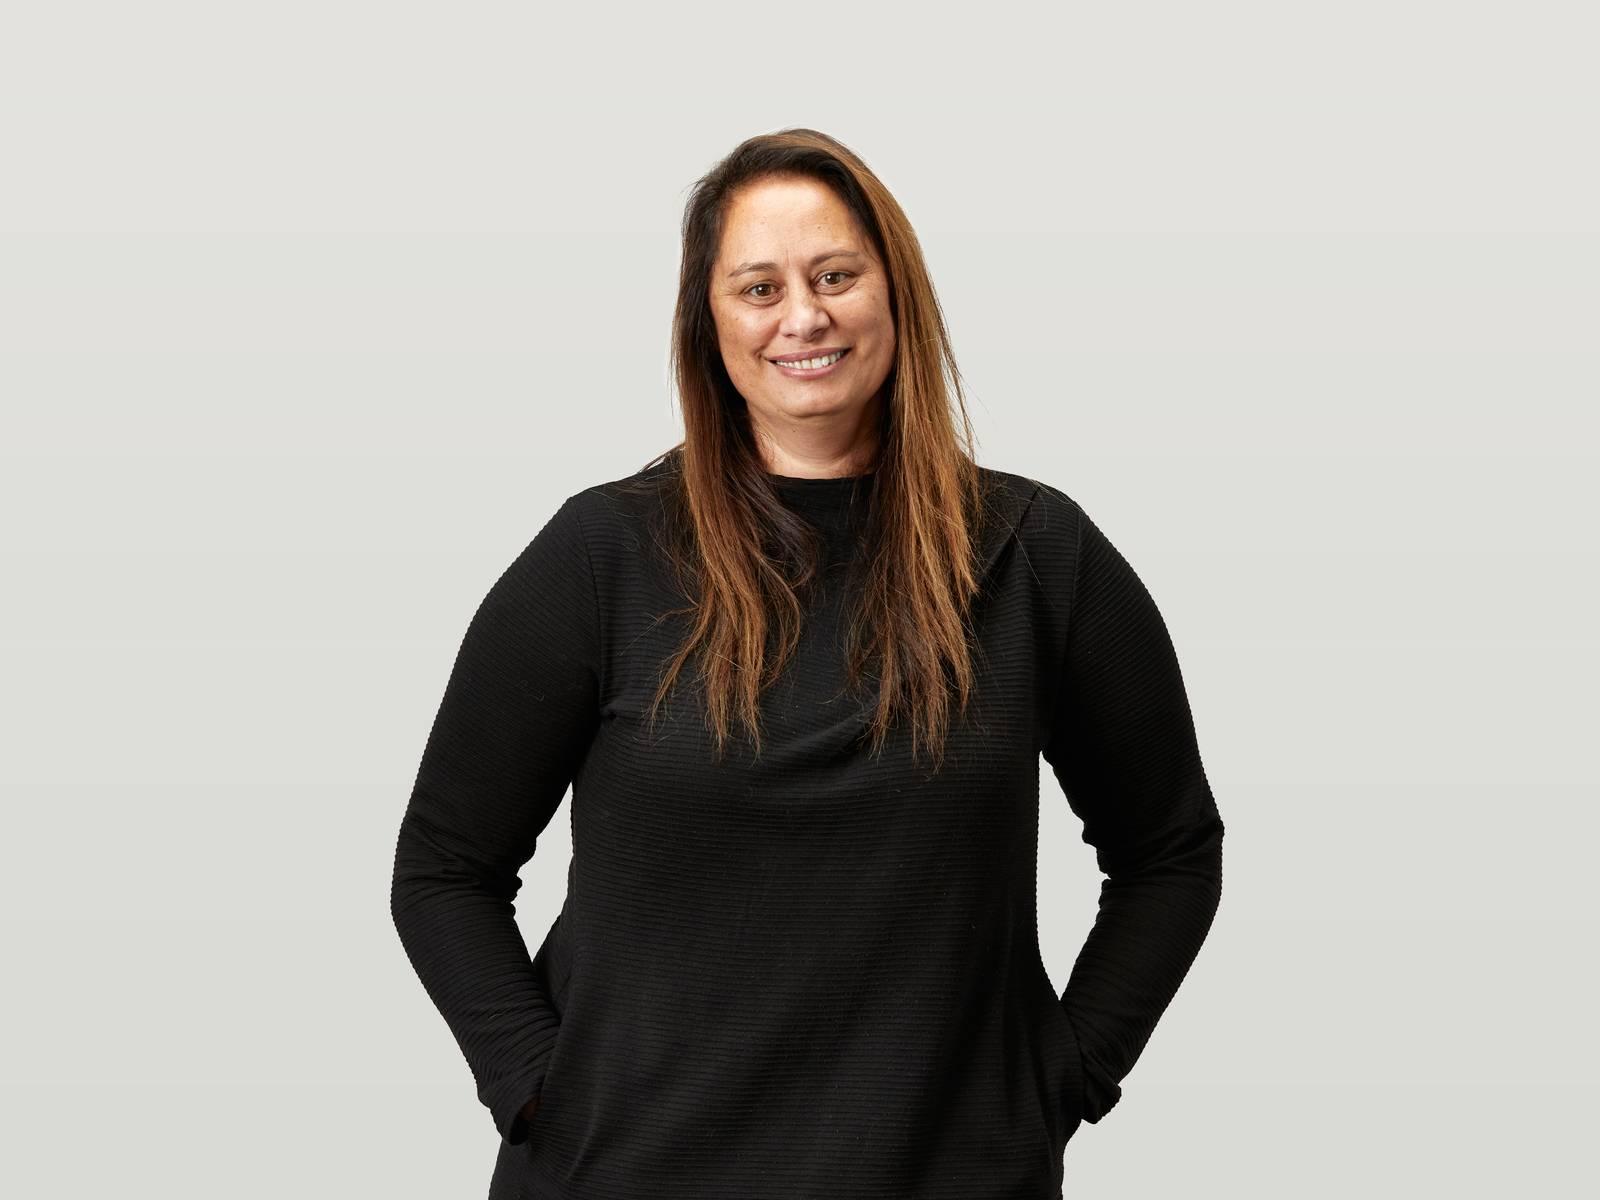 A profile image of Emily Vaka'uta